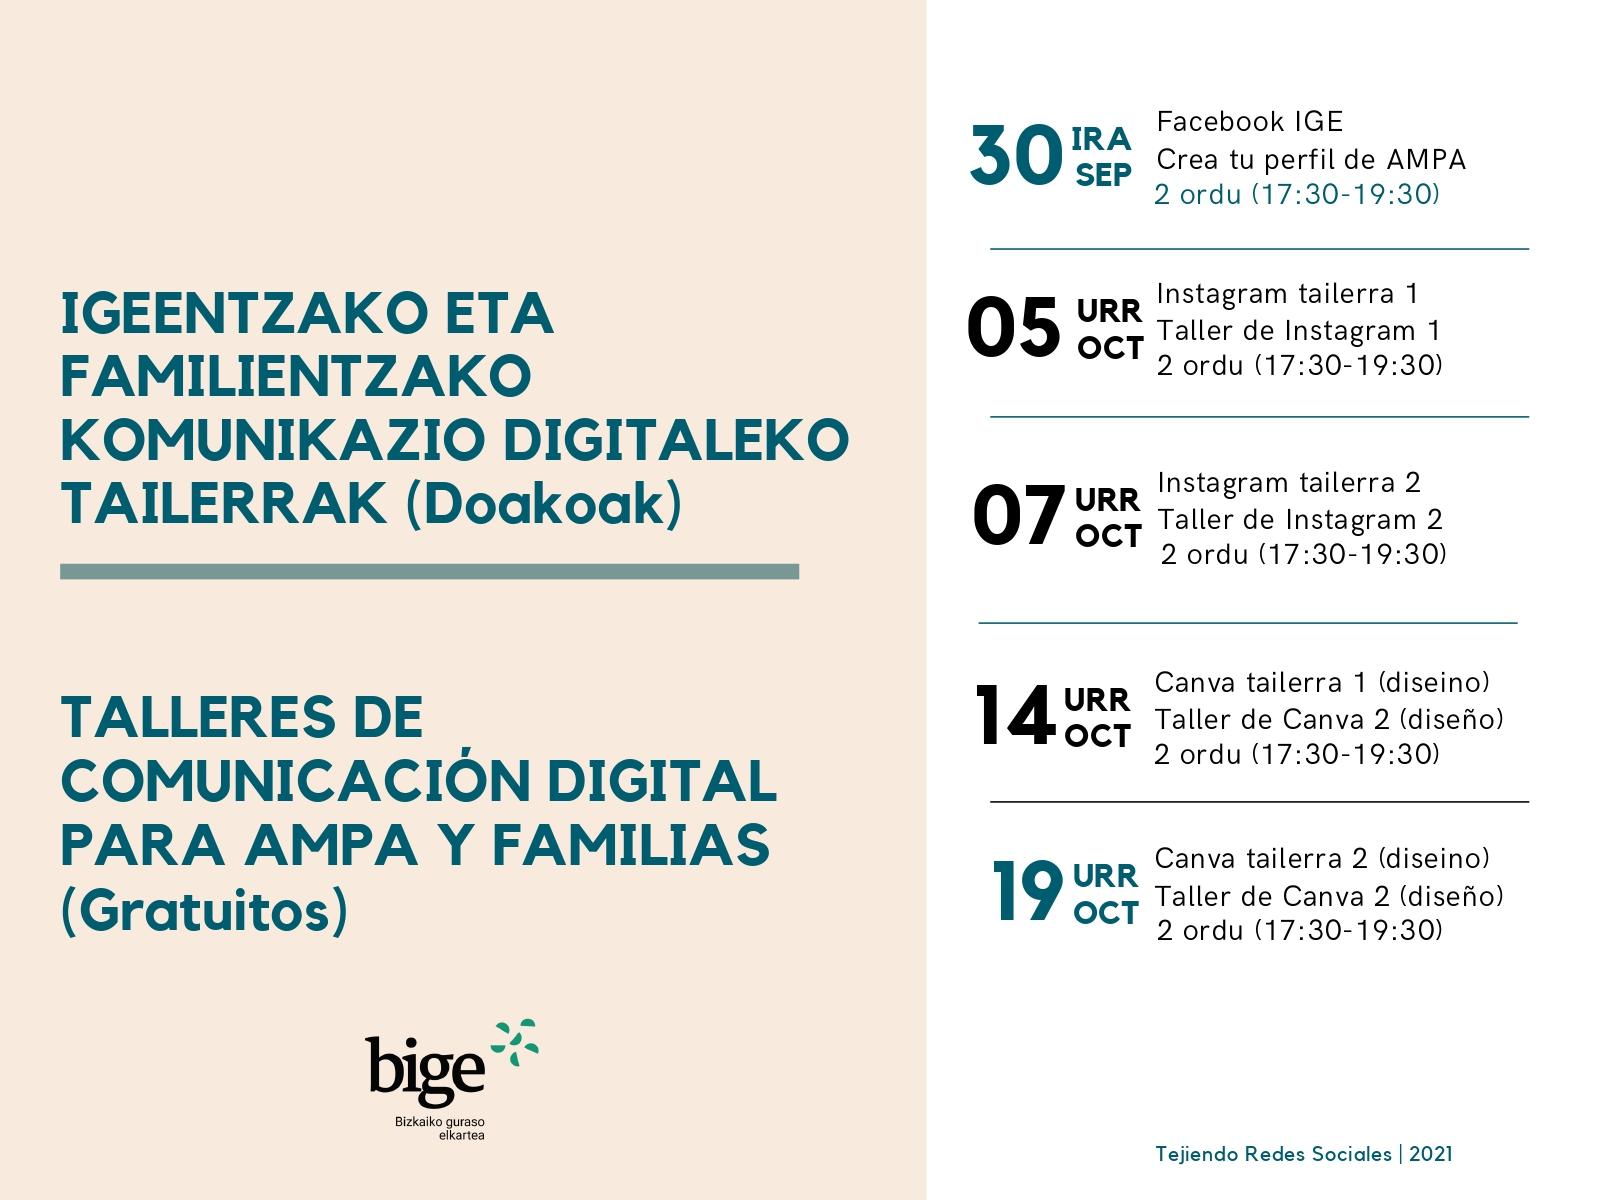 AMPAS Y FAMILIAS CICLO DE TALLERES ONLINE COMUNICACIÓN DIGITAL CURSO 2021_22-3_page-0001